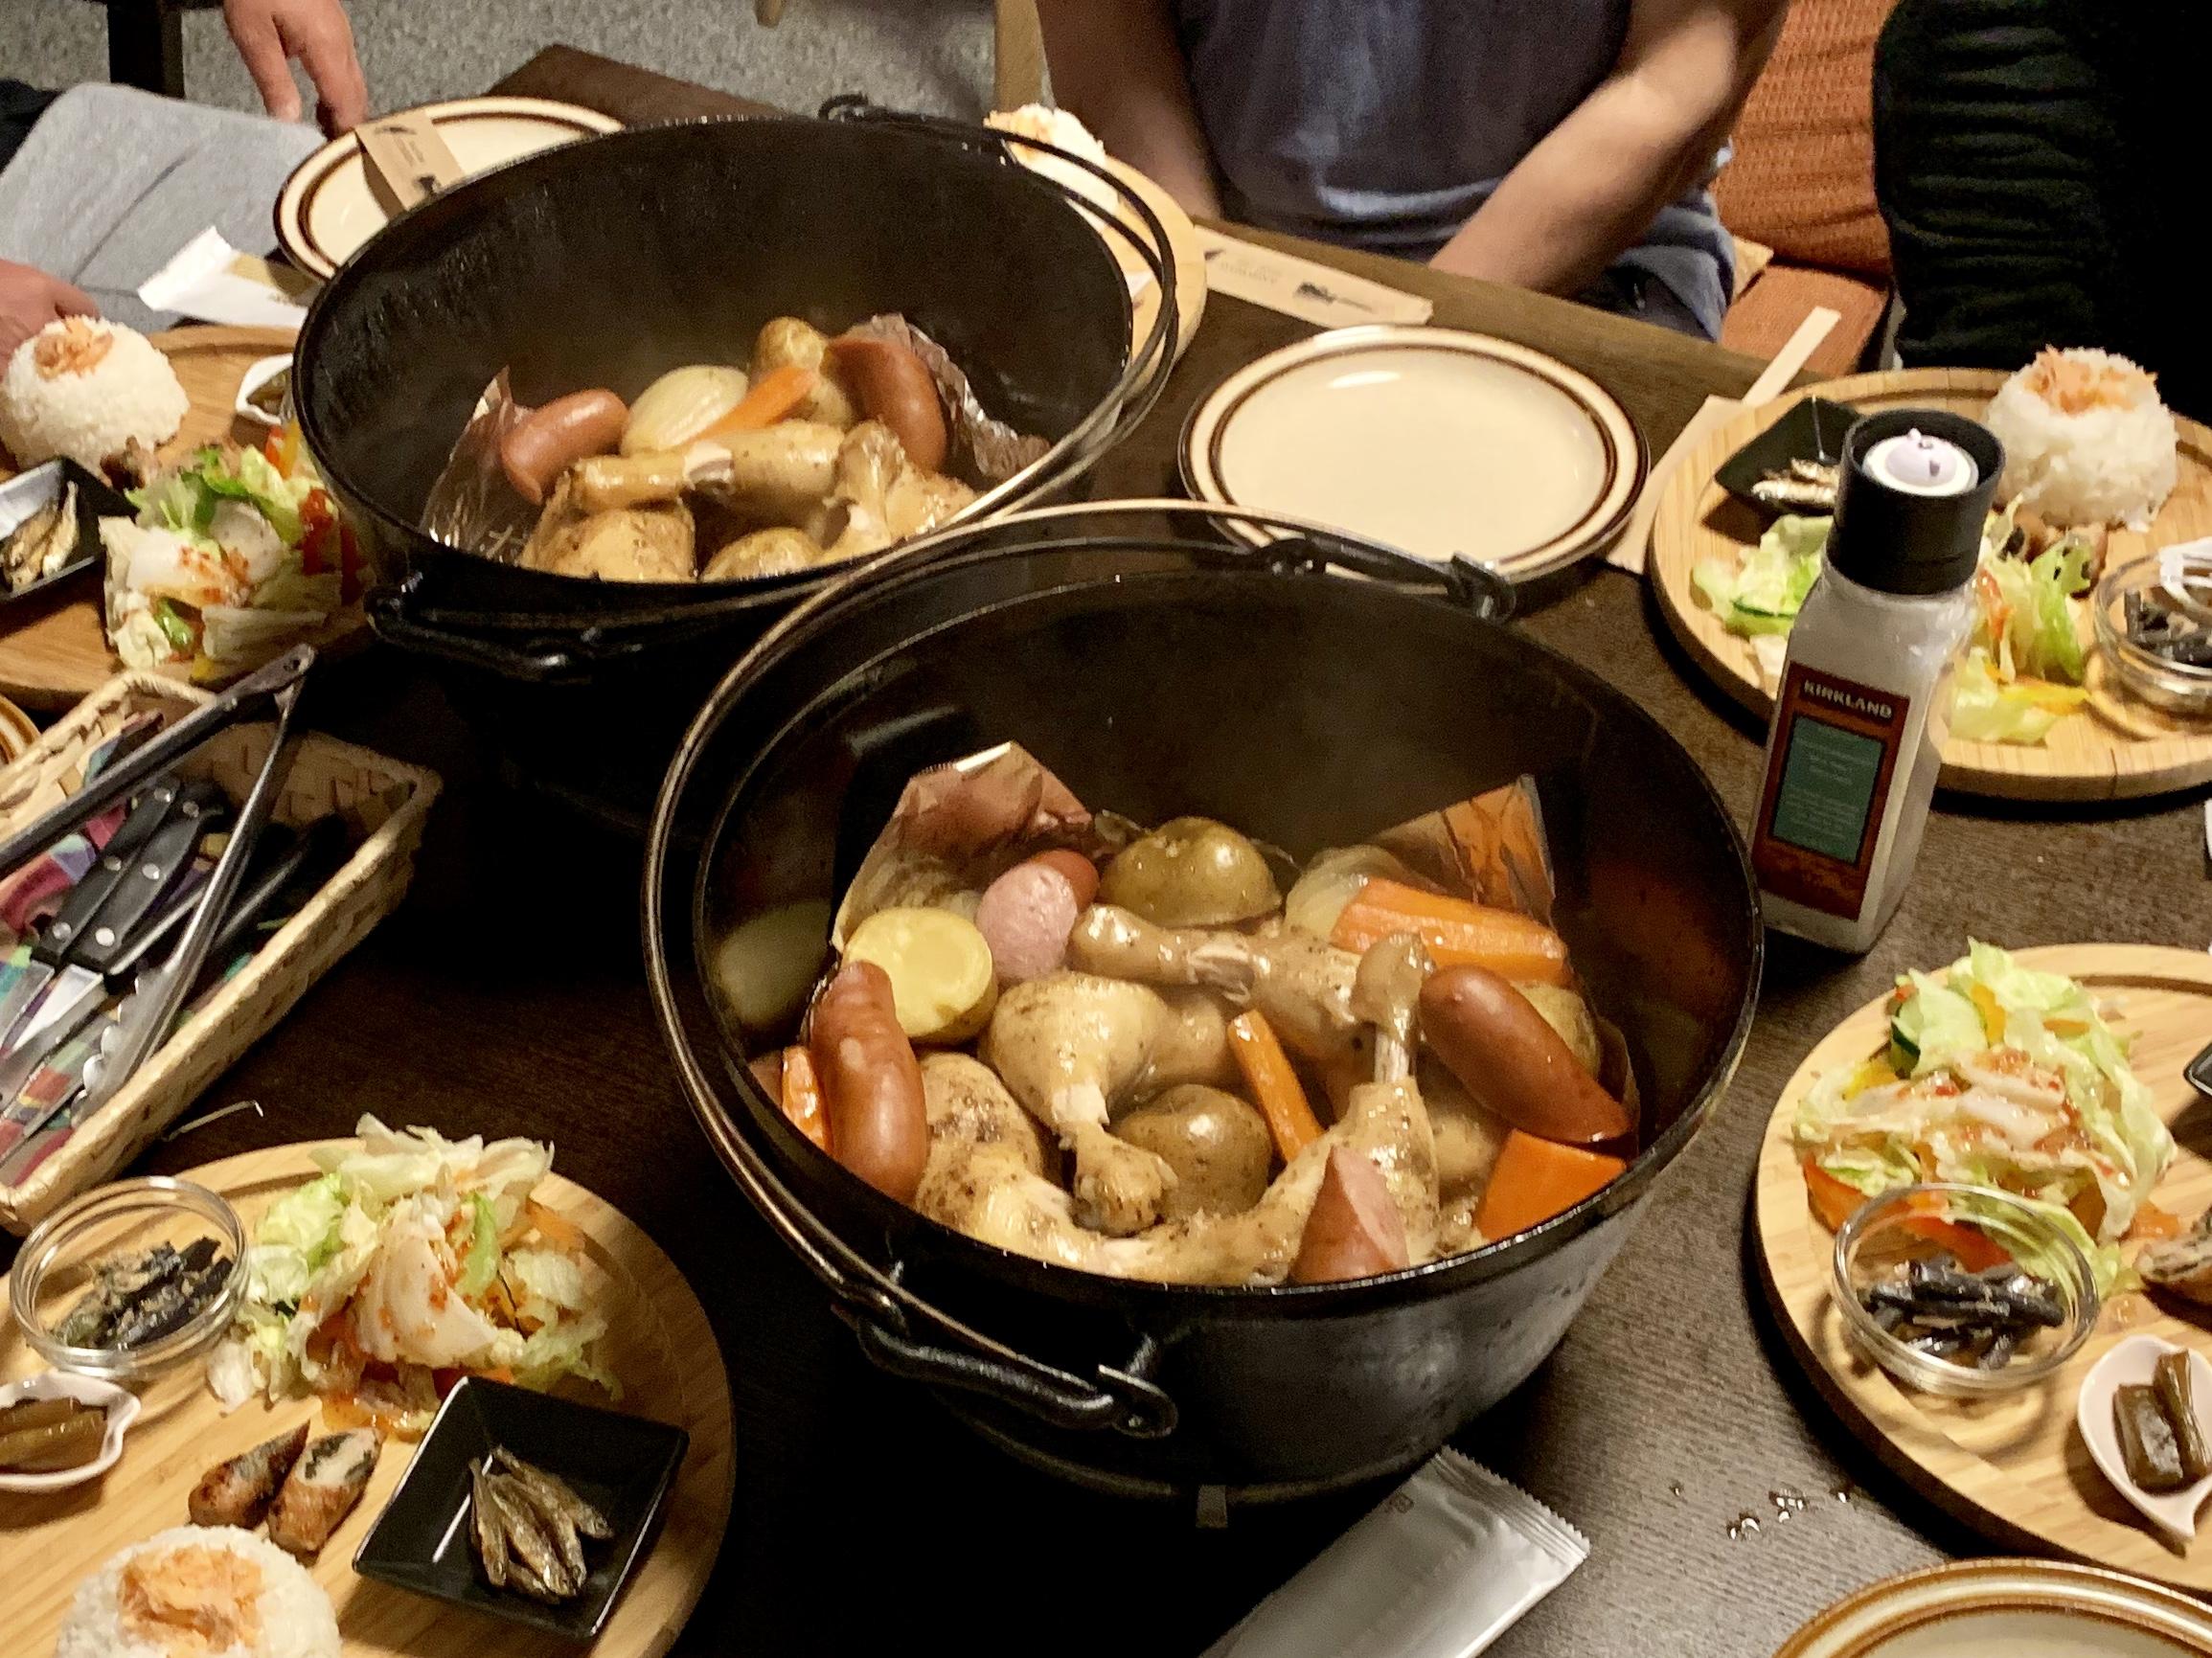 レークハウス朱鞠内のダッチオーブン料理